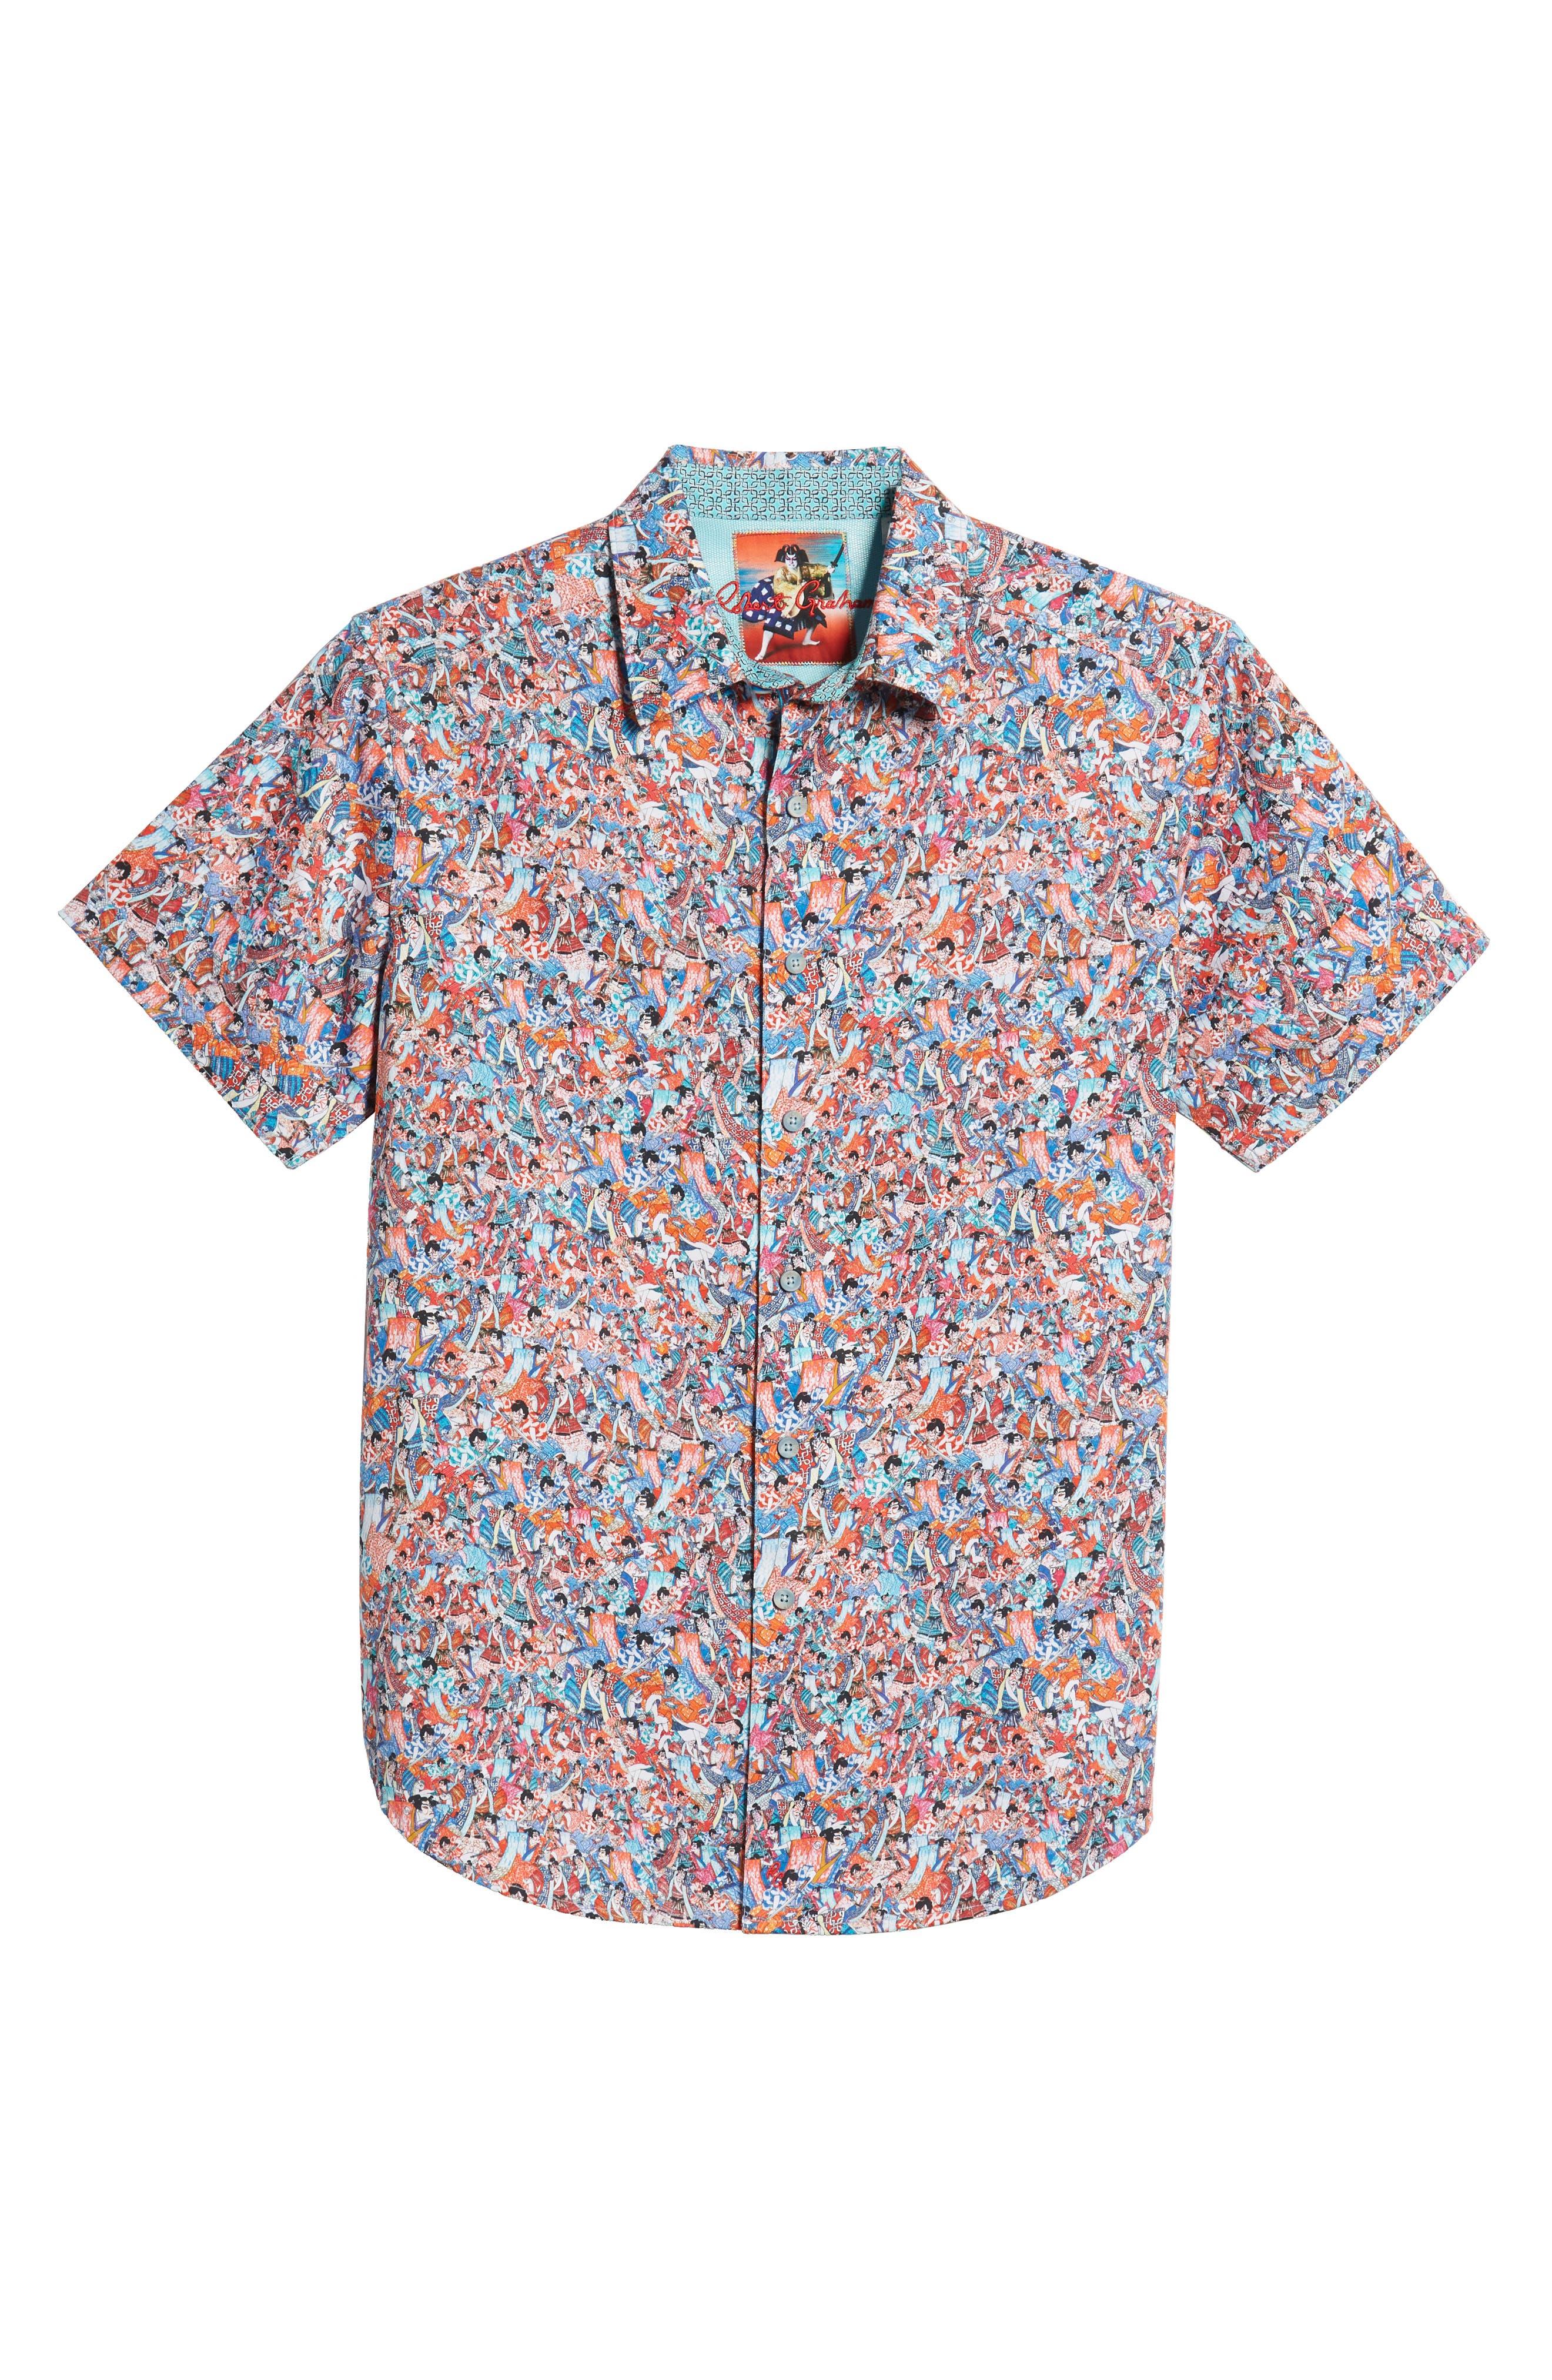 Kabuki Classic Fit Sport Shirt,                             Alternate thumbnail 5, color,                             MULTI PINK